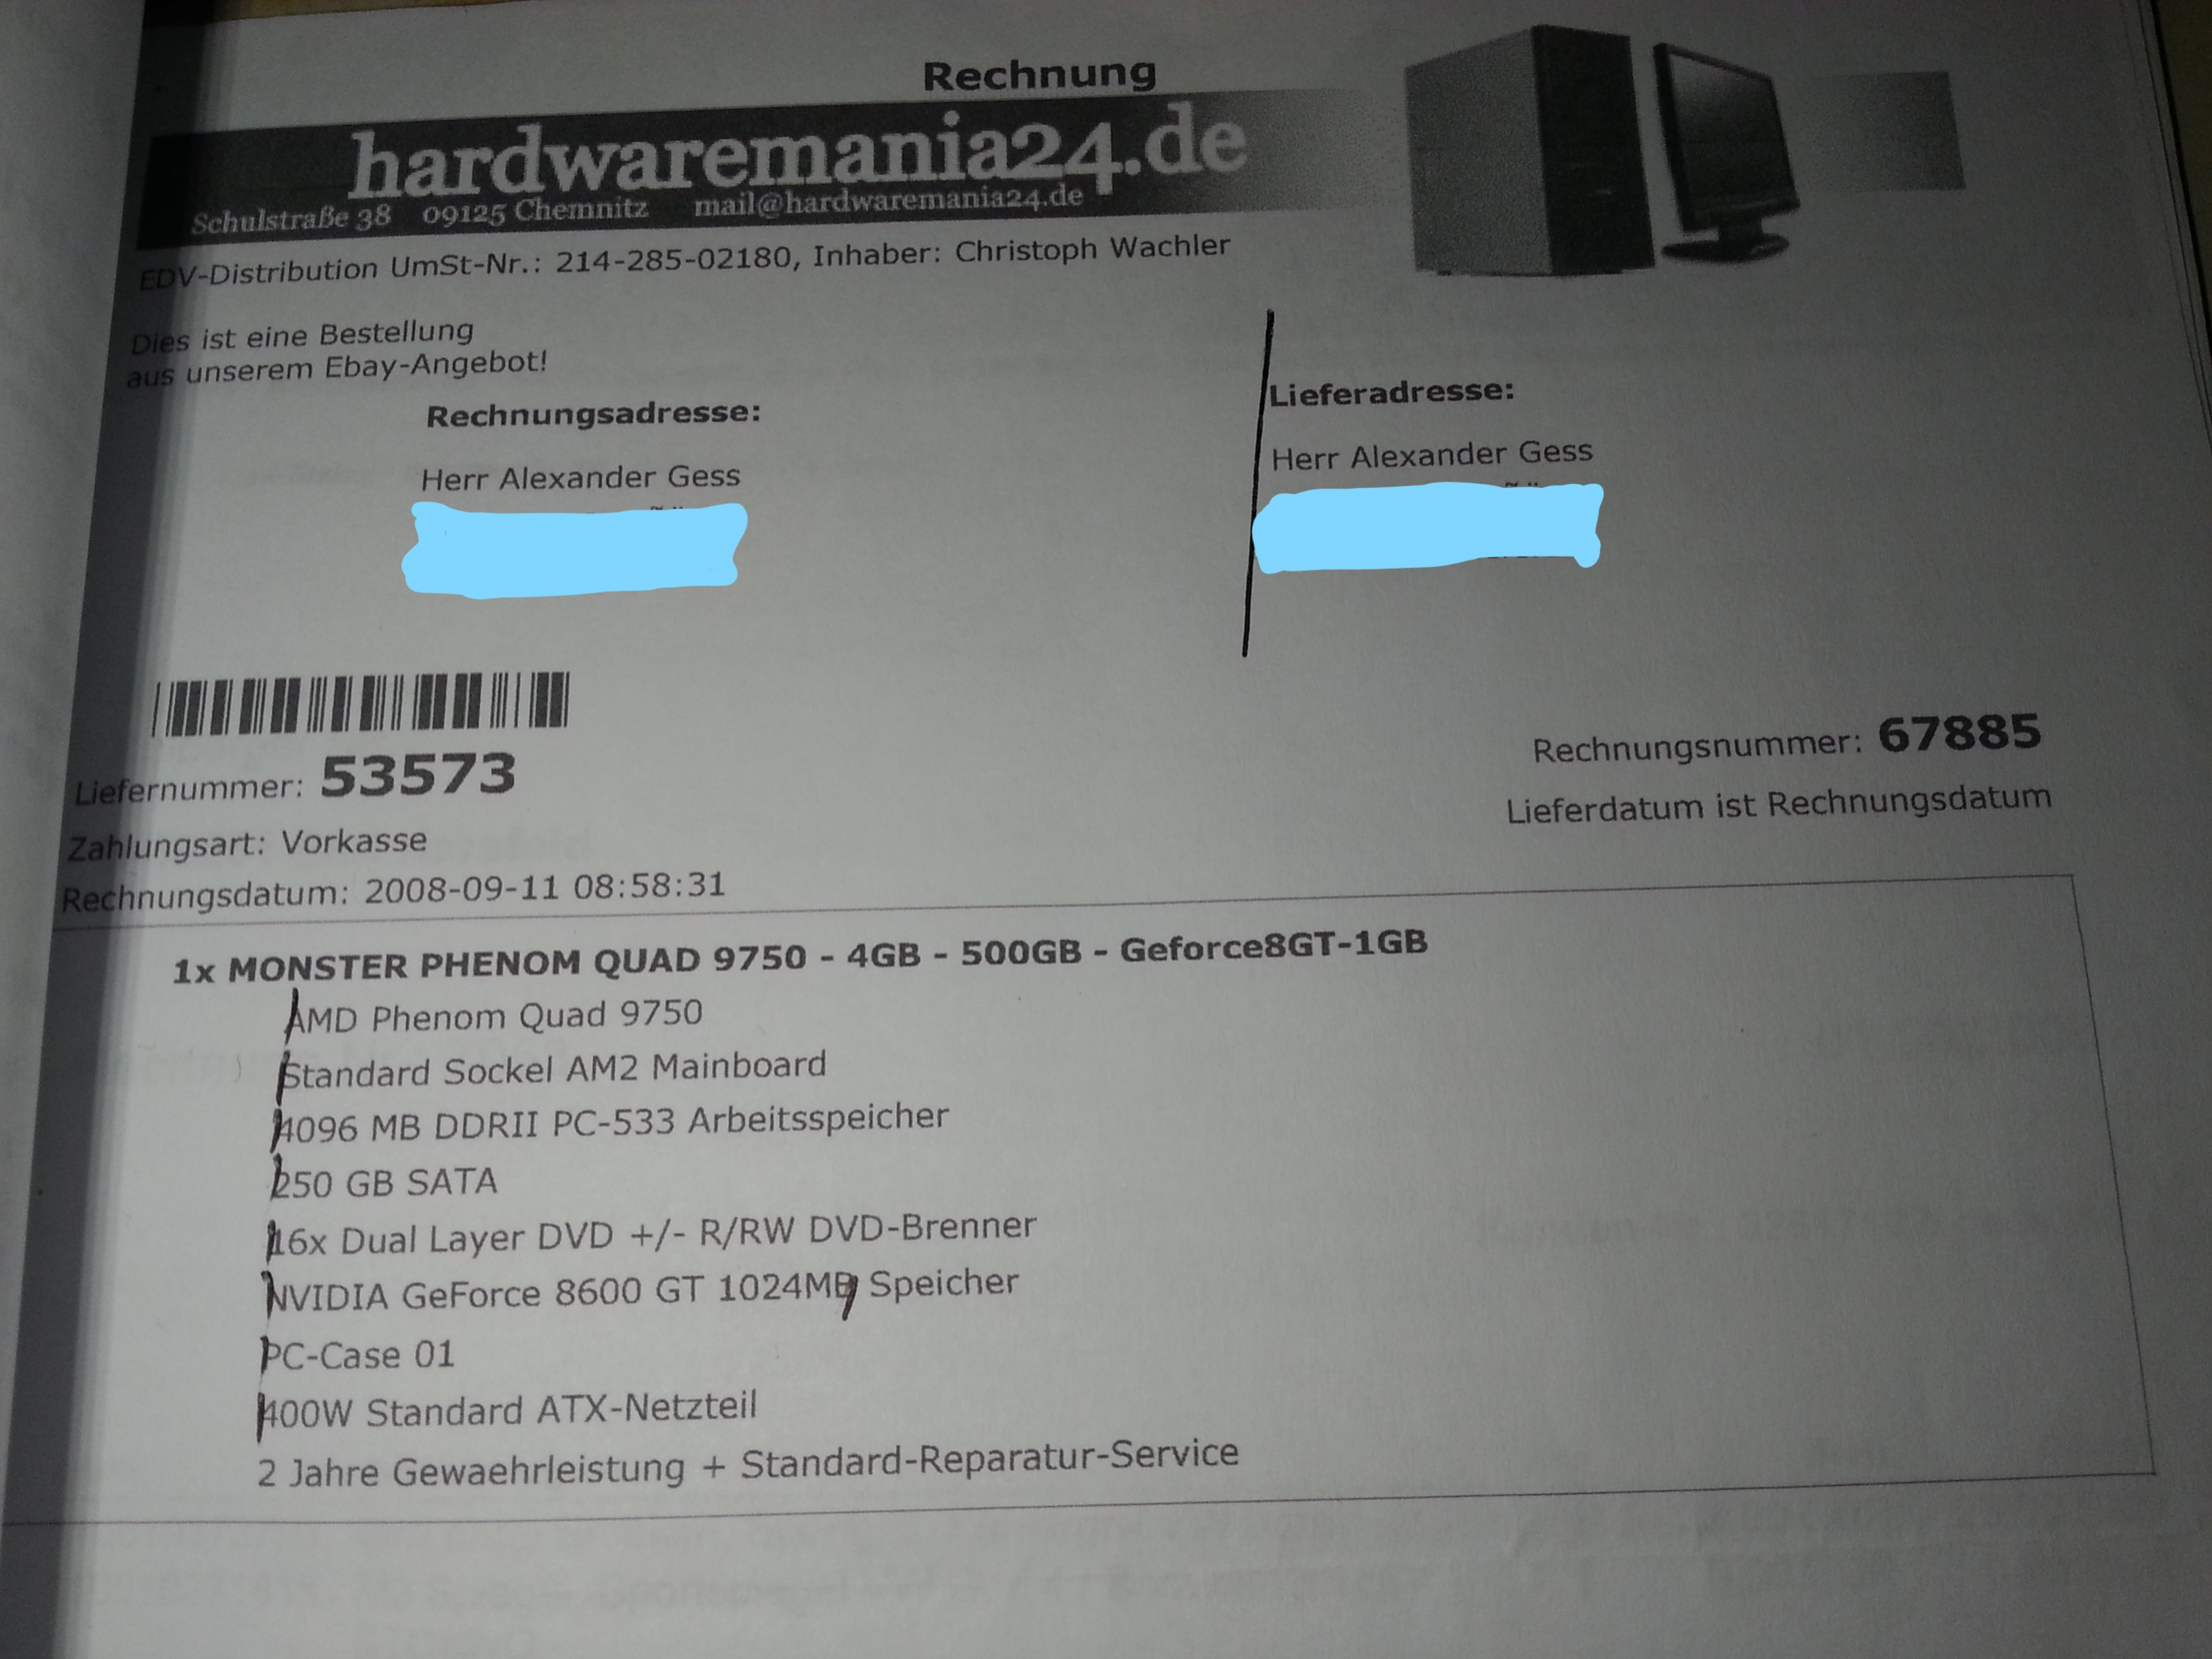 Großartig Computer Reparatur Techniker Pflichten Ideen - Bilder für ...